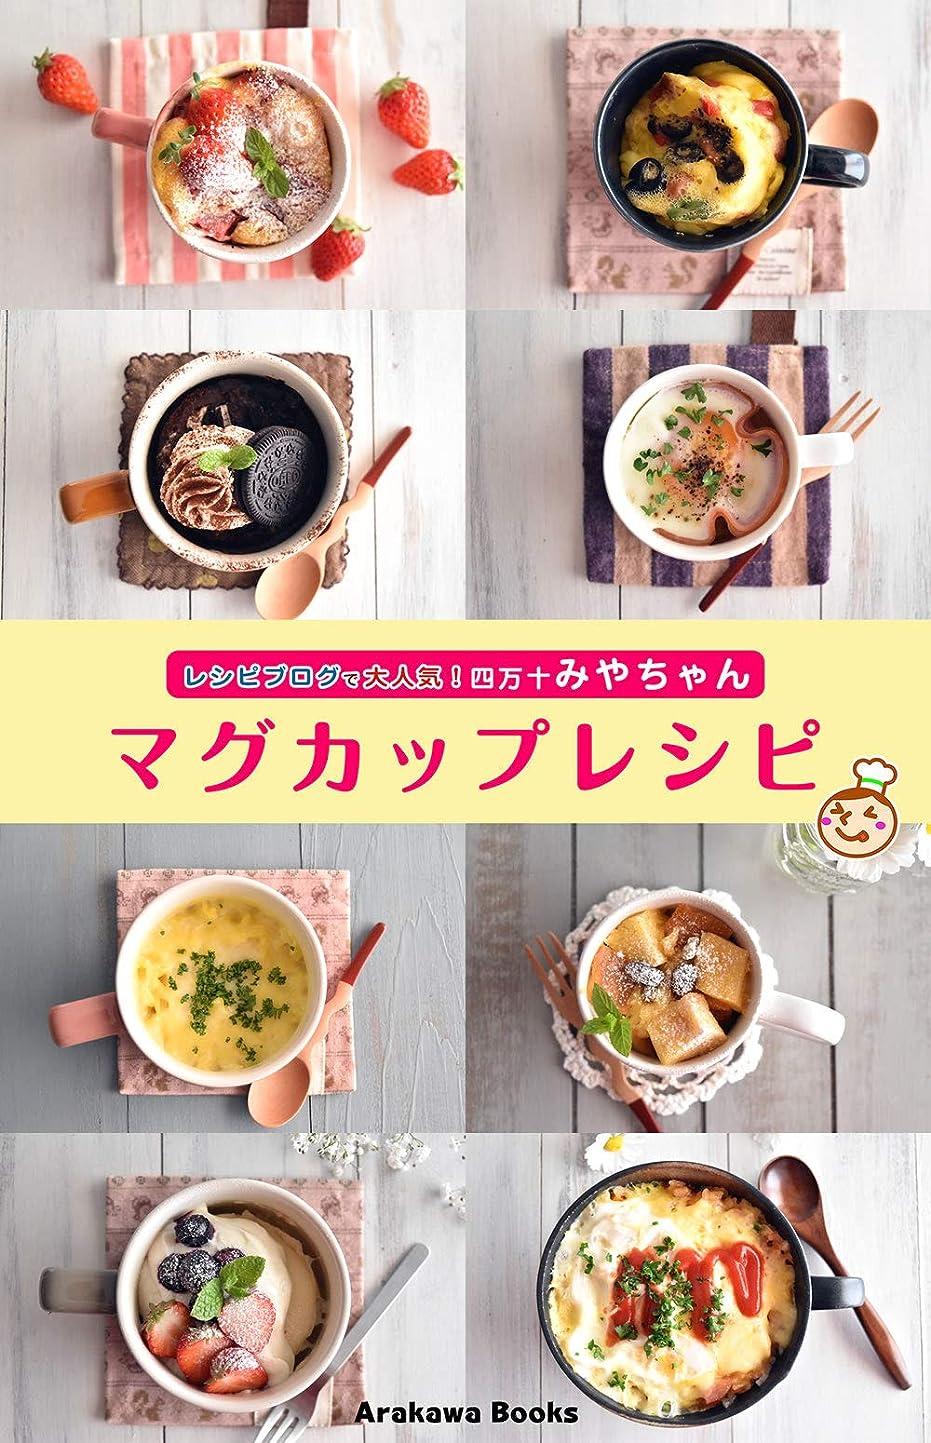 フェリー軍隊対抗マグカップレシピ by四万十みやちゃん (ArakawaBooks)